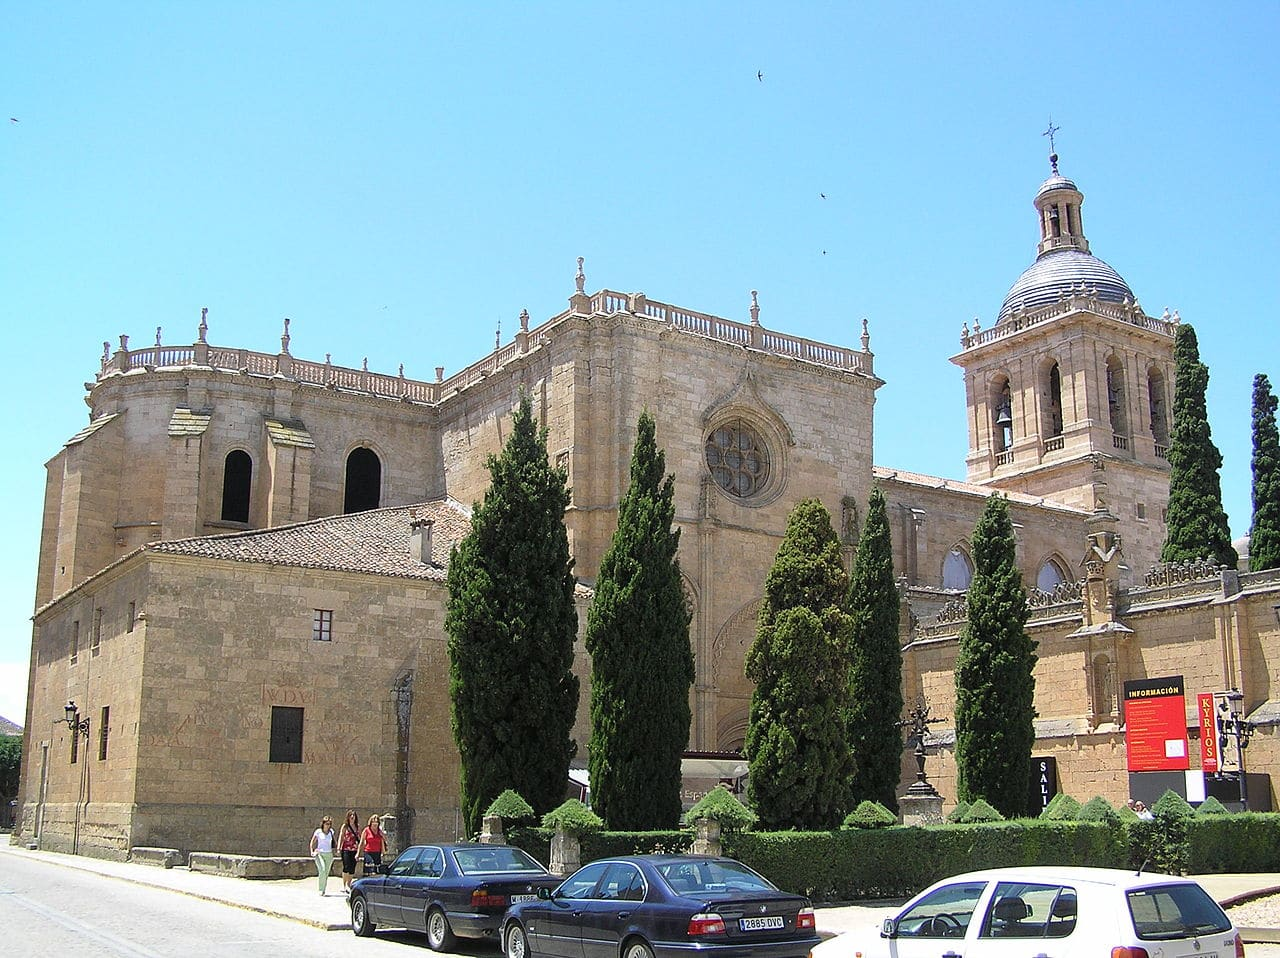 Vista de la catedral de Ciudad Rodrigo